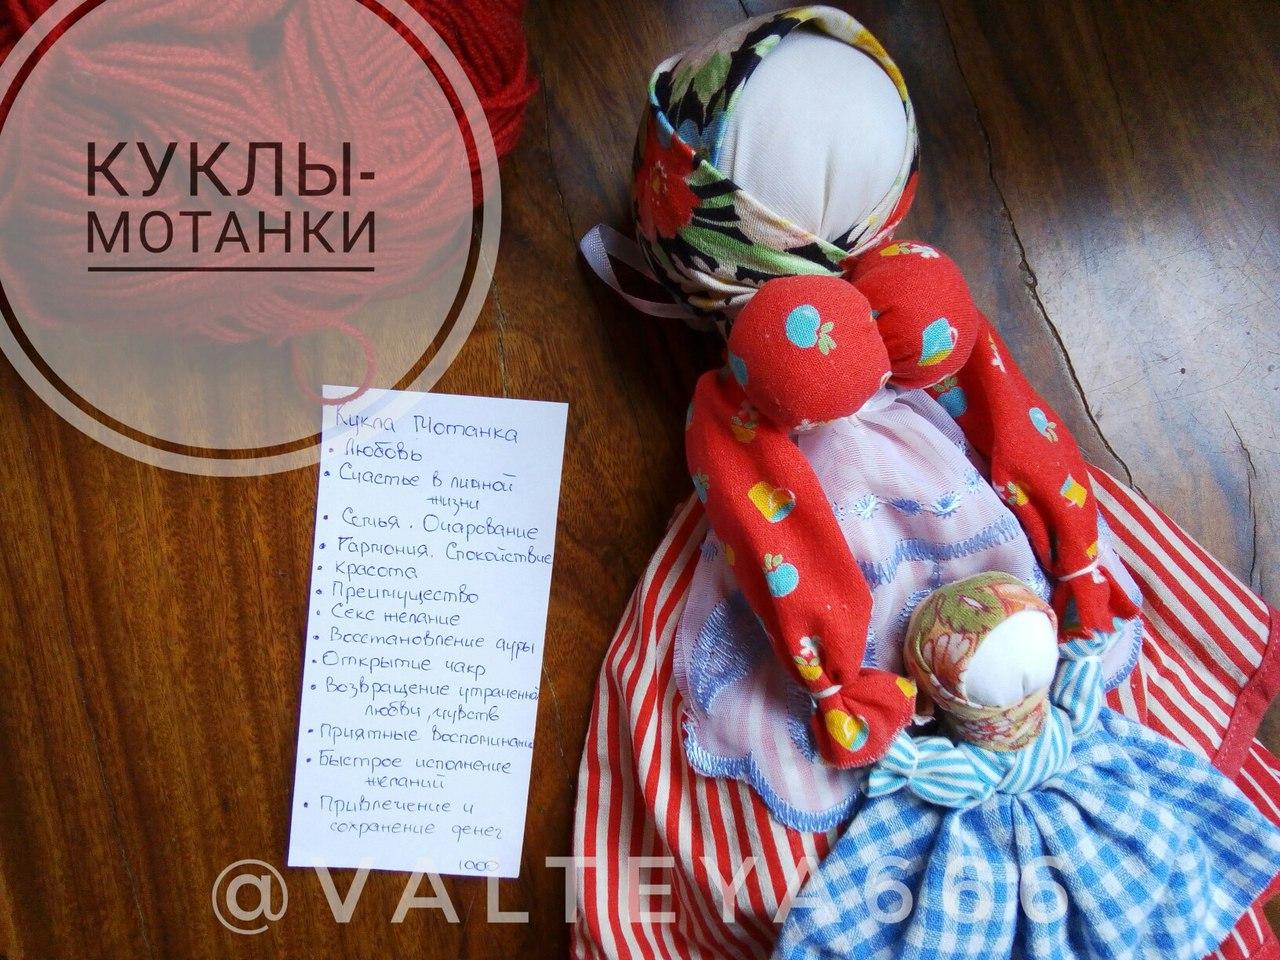 Славянские амулеты-талисманы Куклы-мотанки Z6mP-dMTBYQ